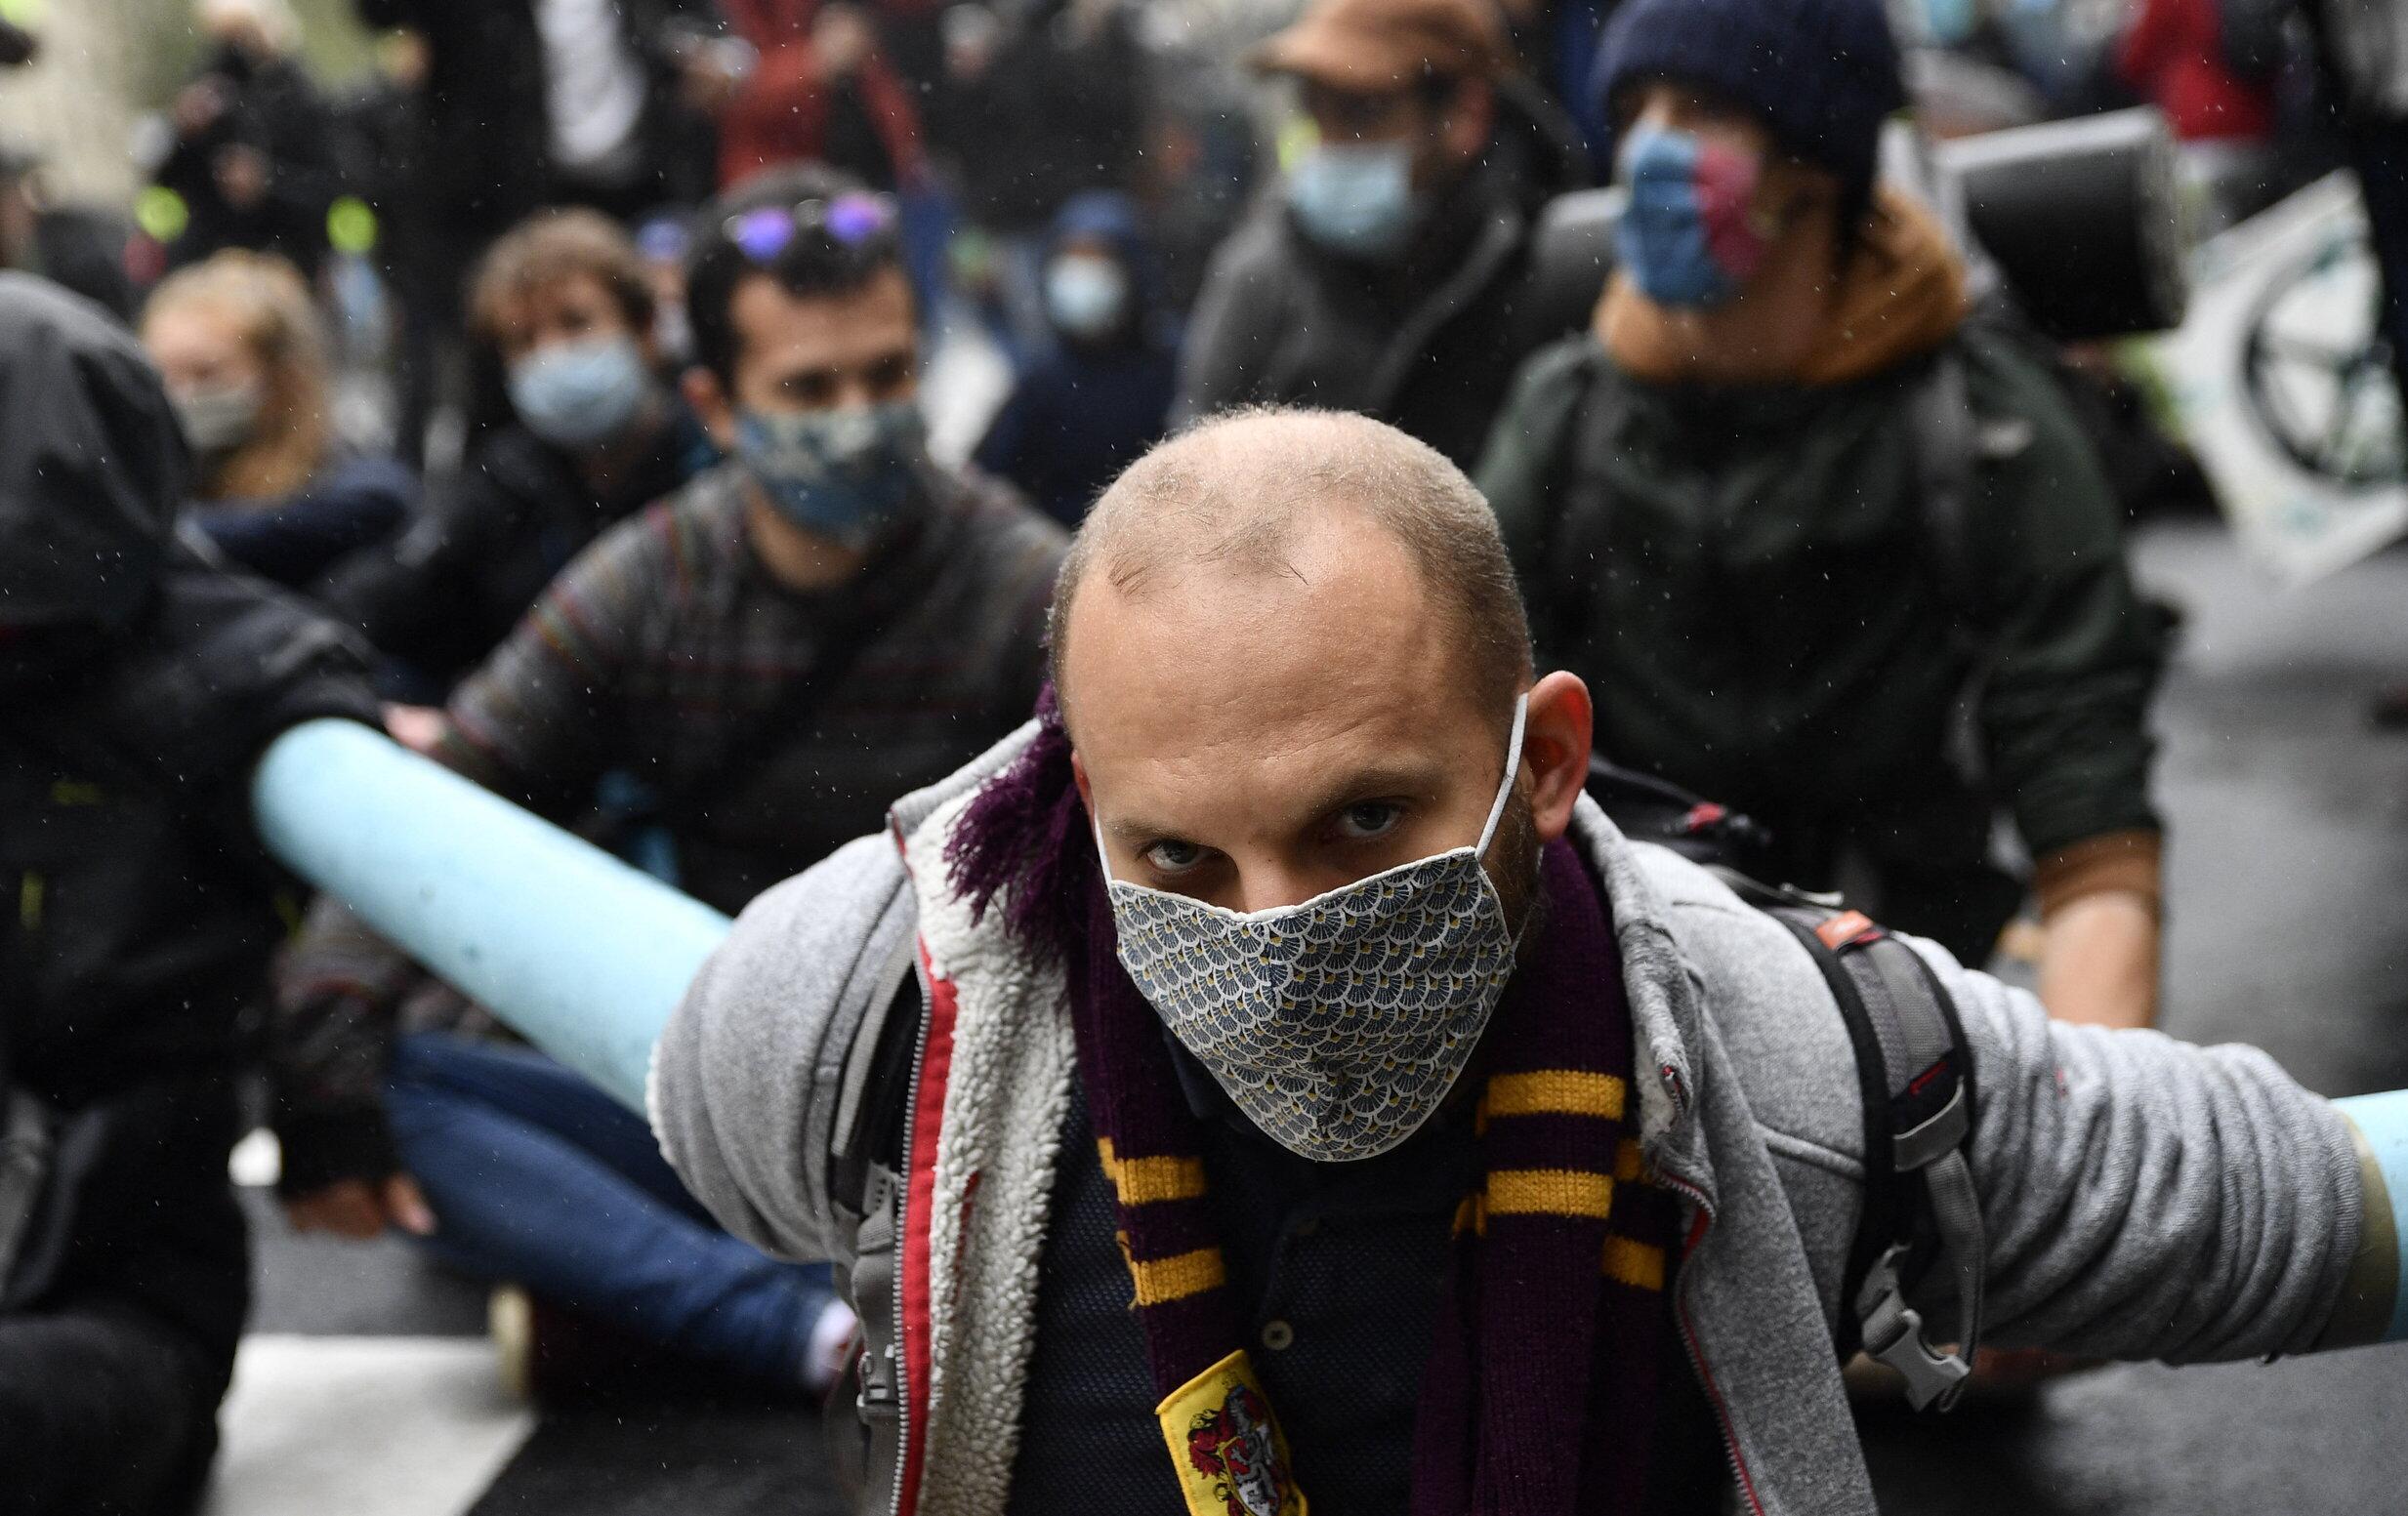 Sănătatea, pe locul doi. 90% dintre francezi se tem mai mult de consecințele economice ale crizei Covid-19